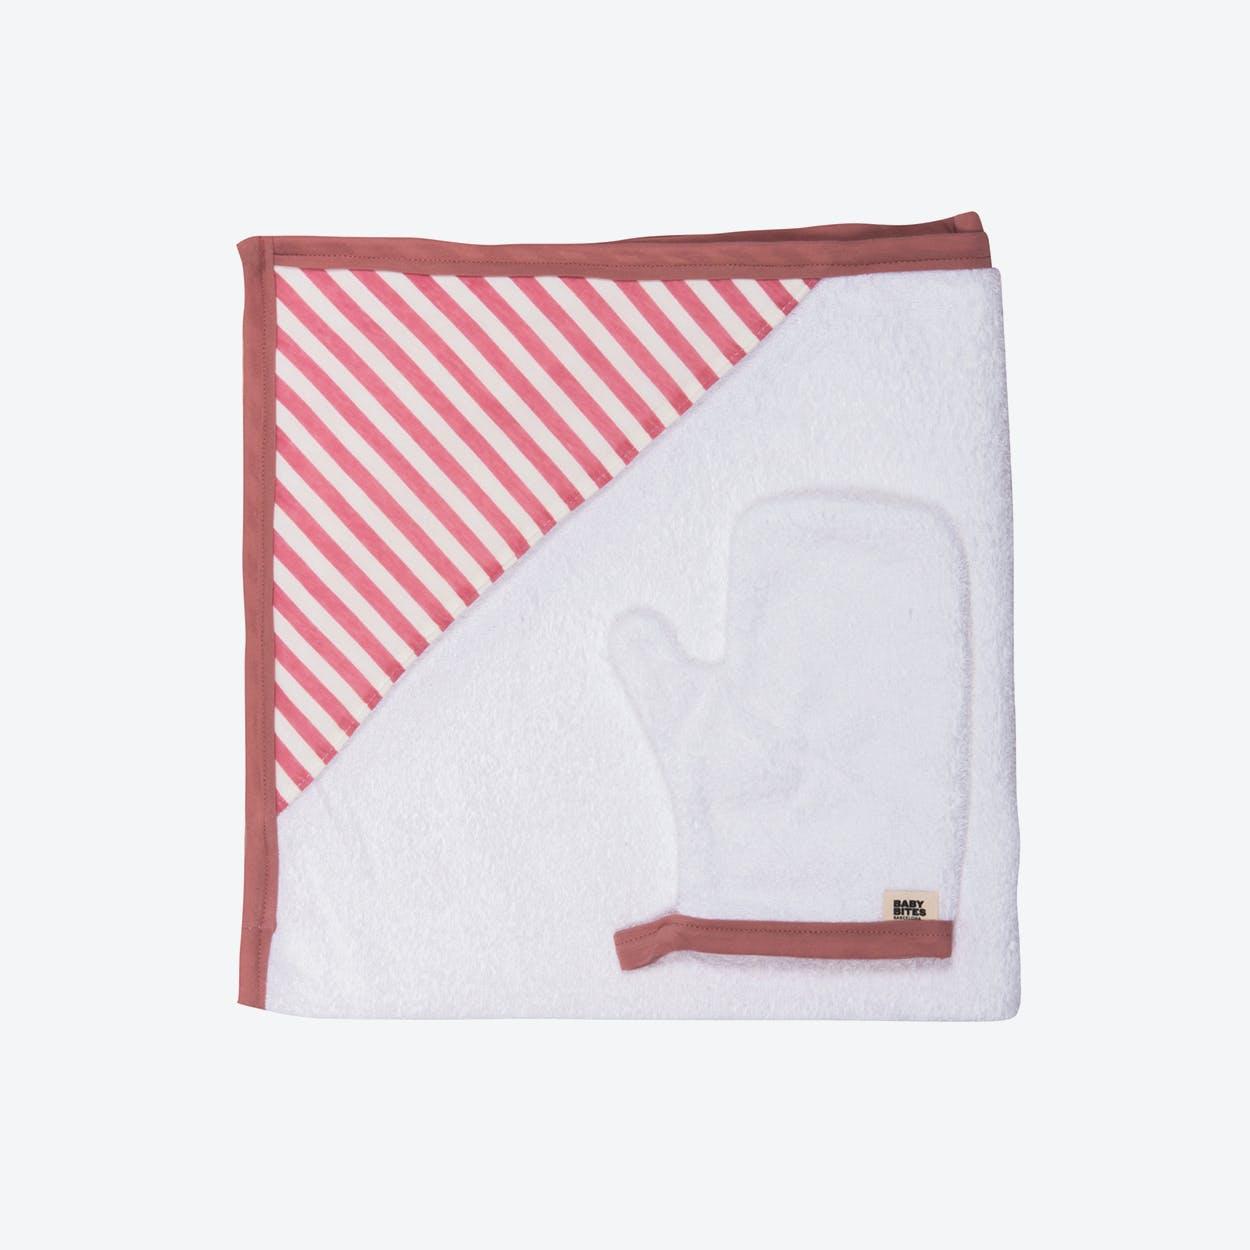 Pink Striped Newborn Towel